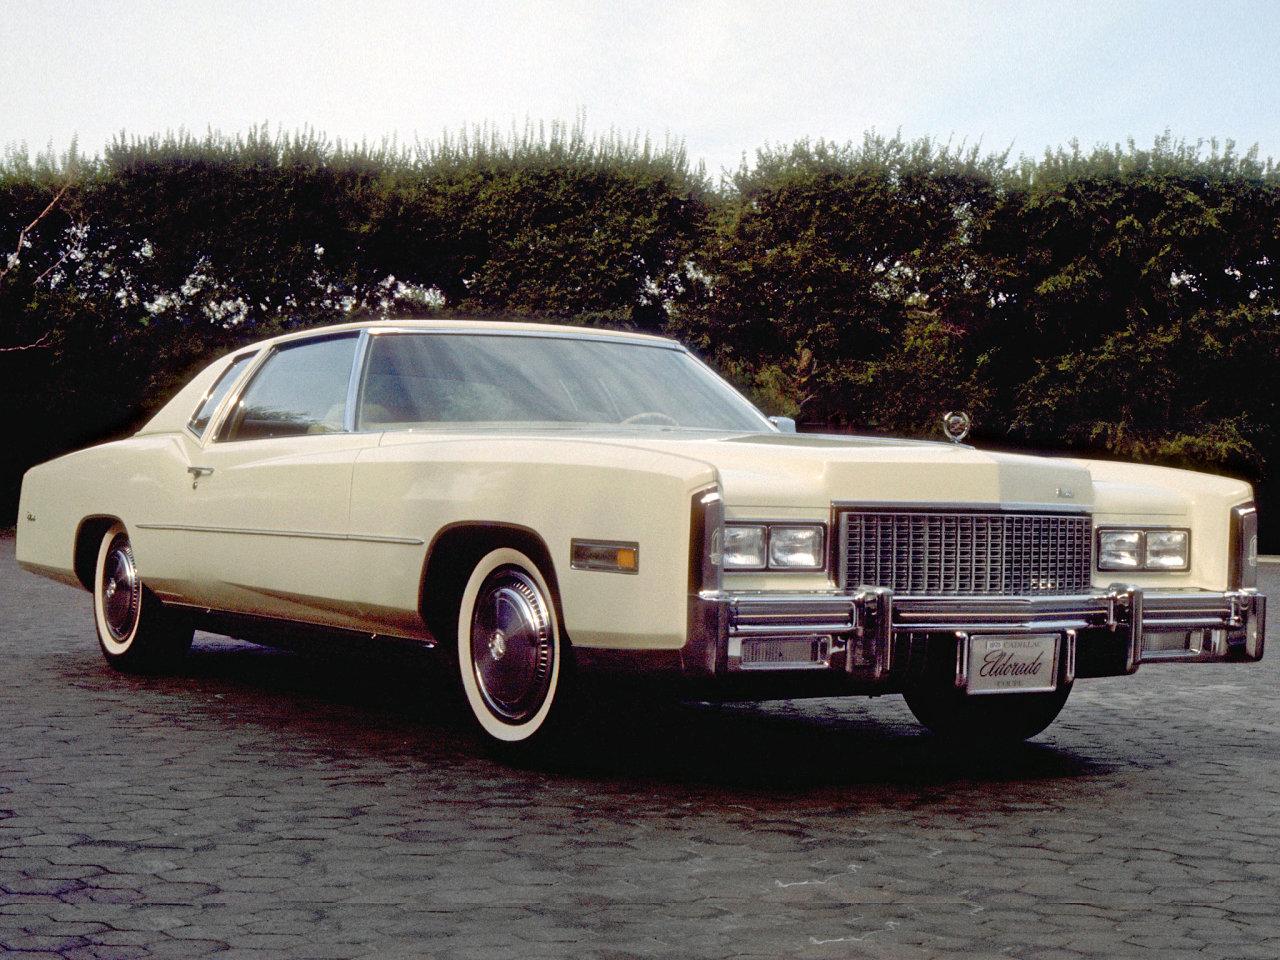 Cadillac eldorado 1972 год выпуска - оригинальная комплектация